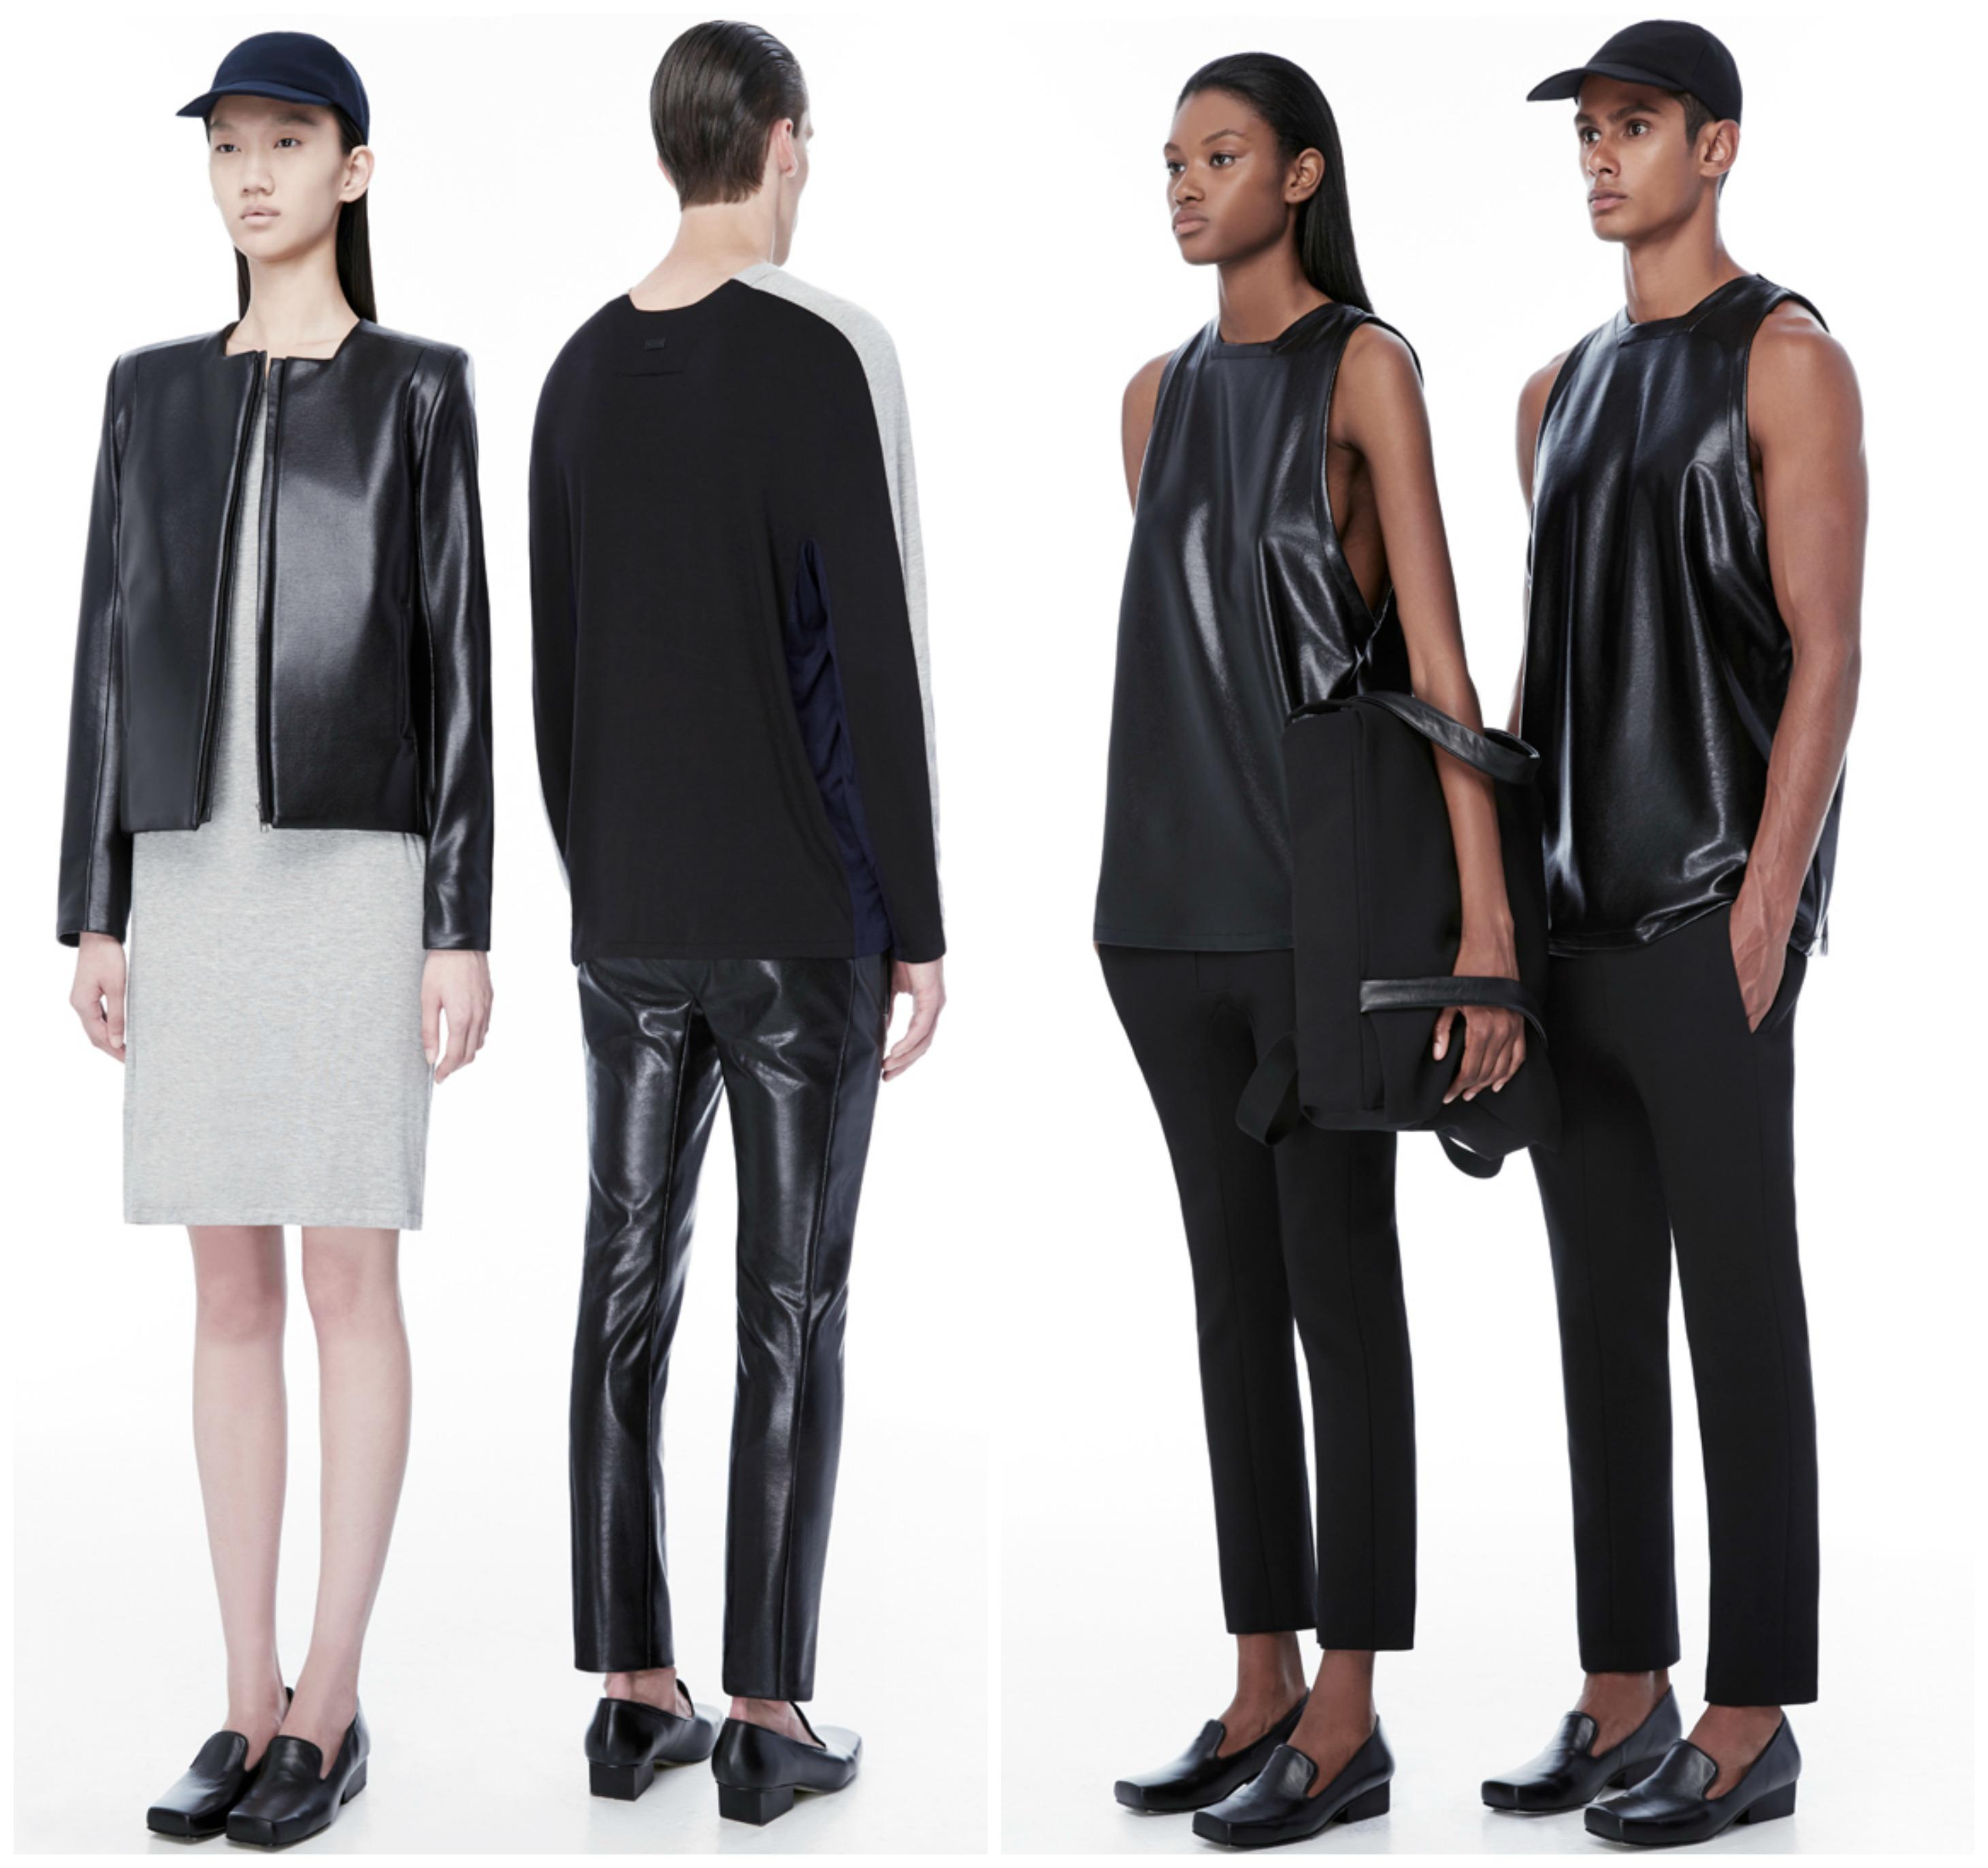 unisex clothing the fashion talk